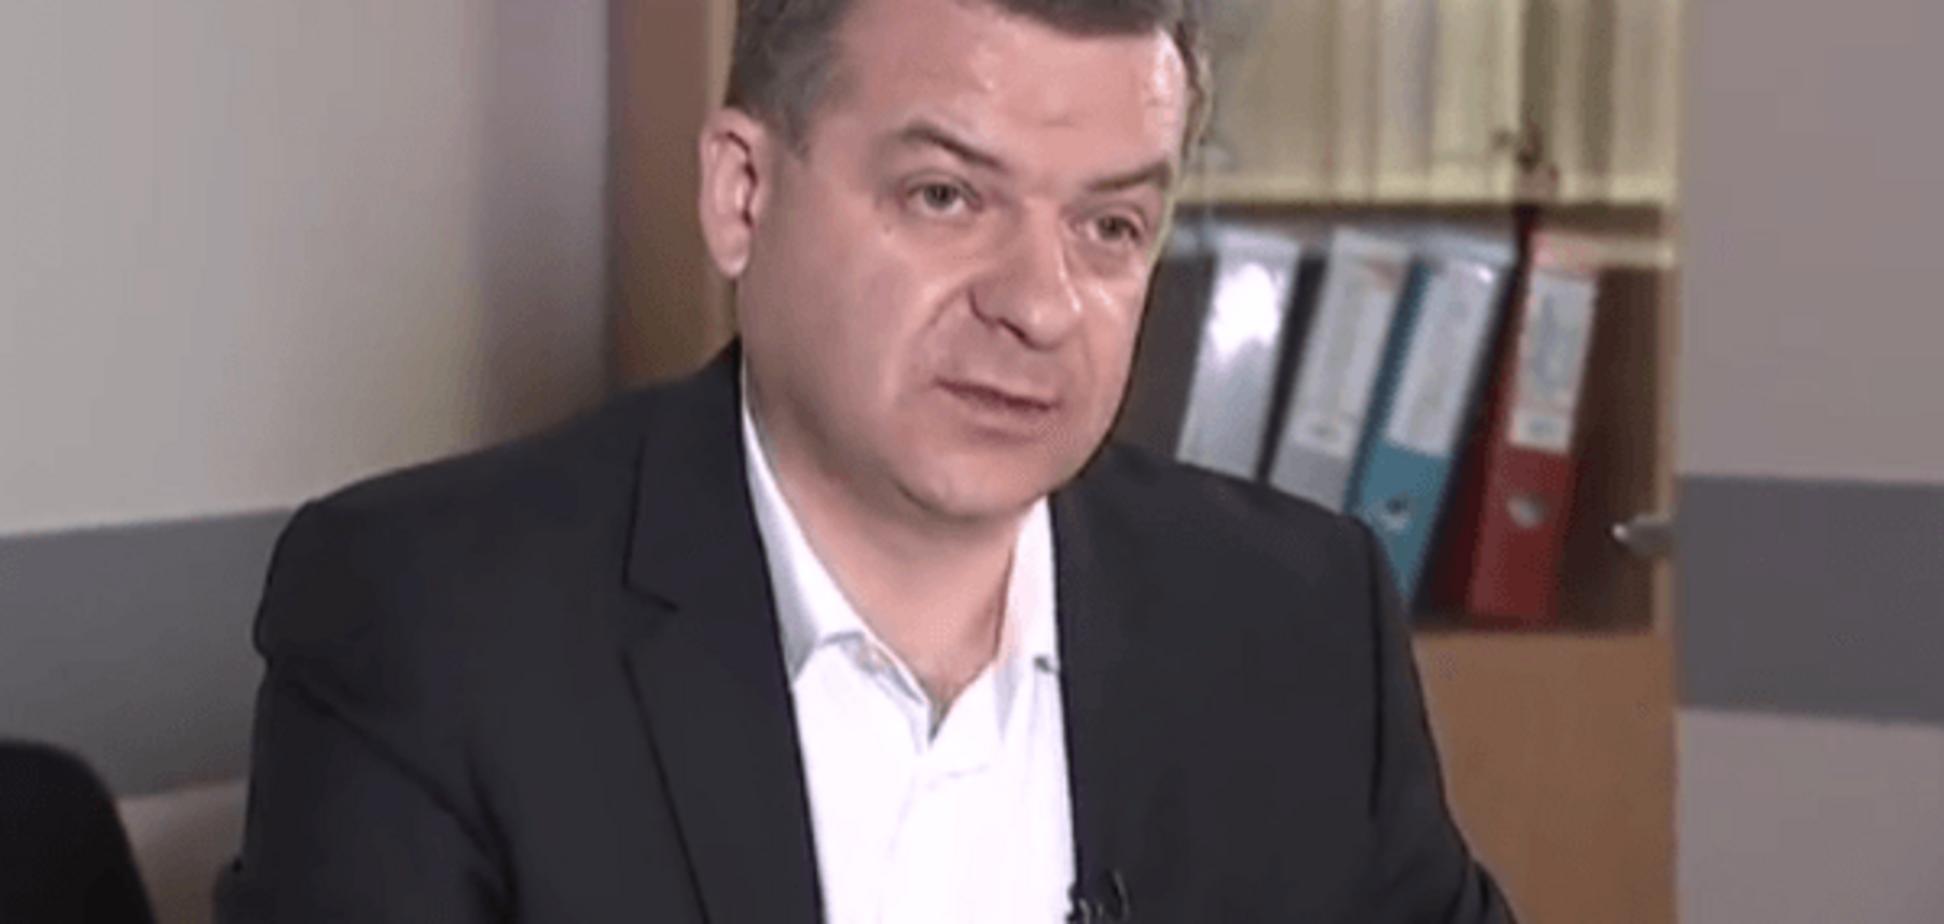 'Діамантовий прокурор' Корнієць назвав захоплення частки в компанії 'подарунком'